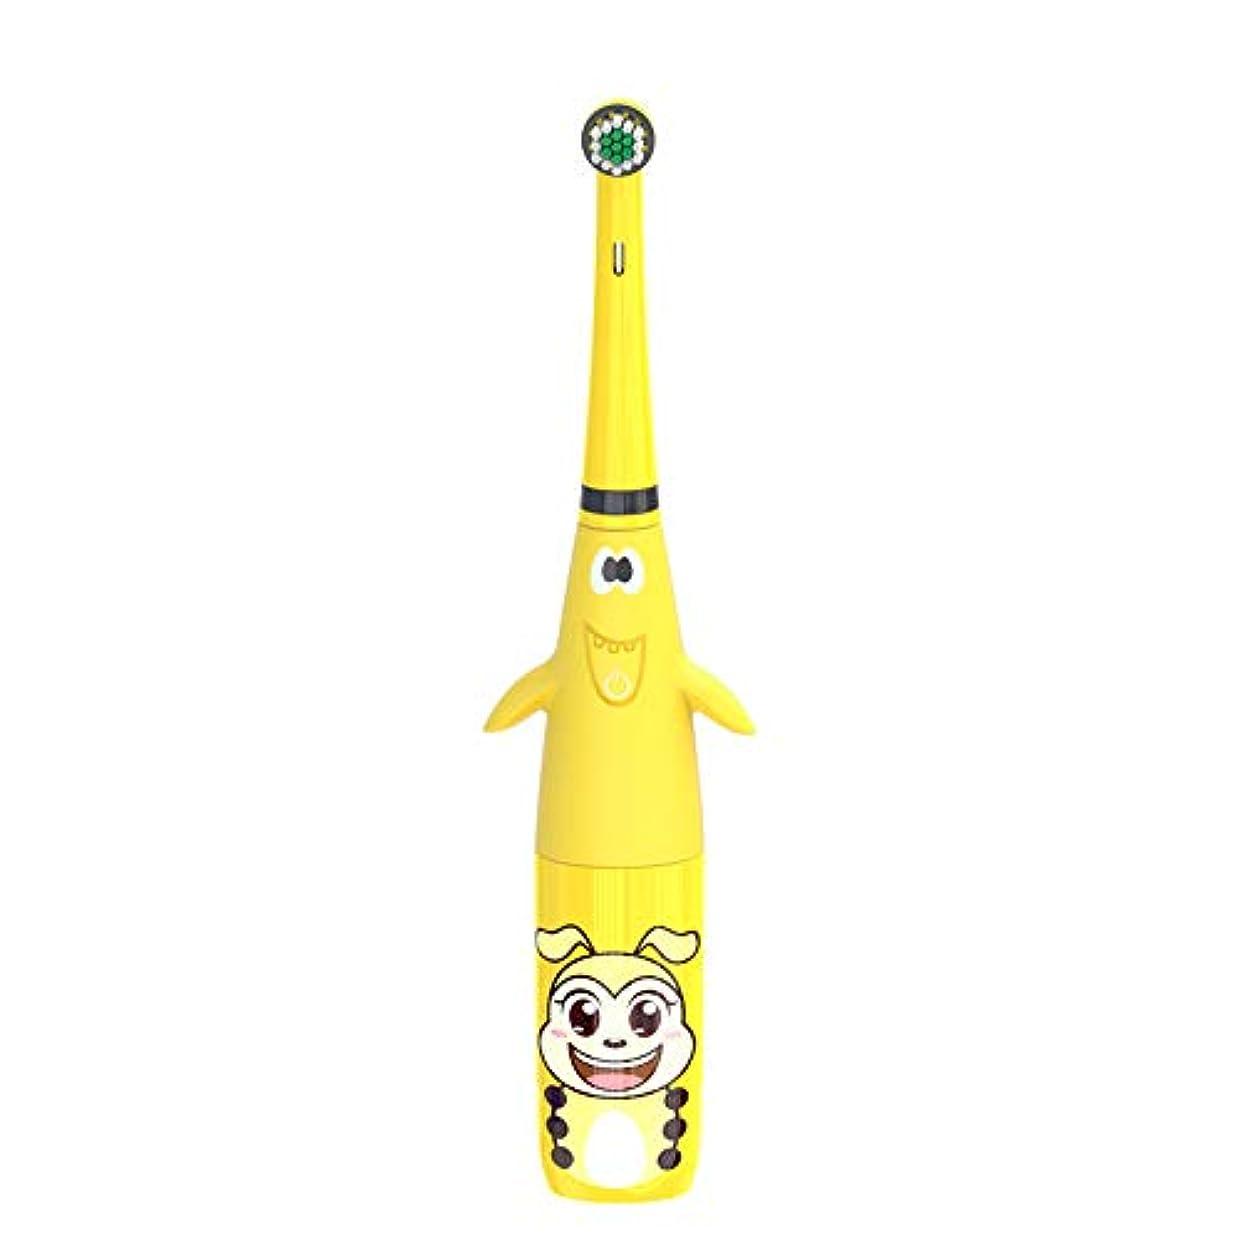 ラテン浅い回答(子供電子歯ブラシ、青、ピンク、黄色)歯垢除去および歯のホワイトニングのための交換用ブラシヘッドを持つ子供の電動歯ブラシ